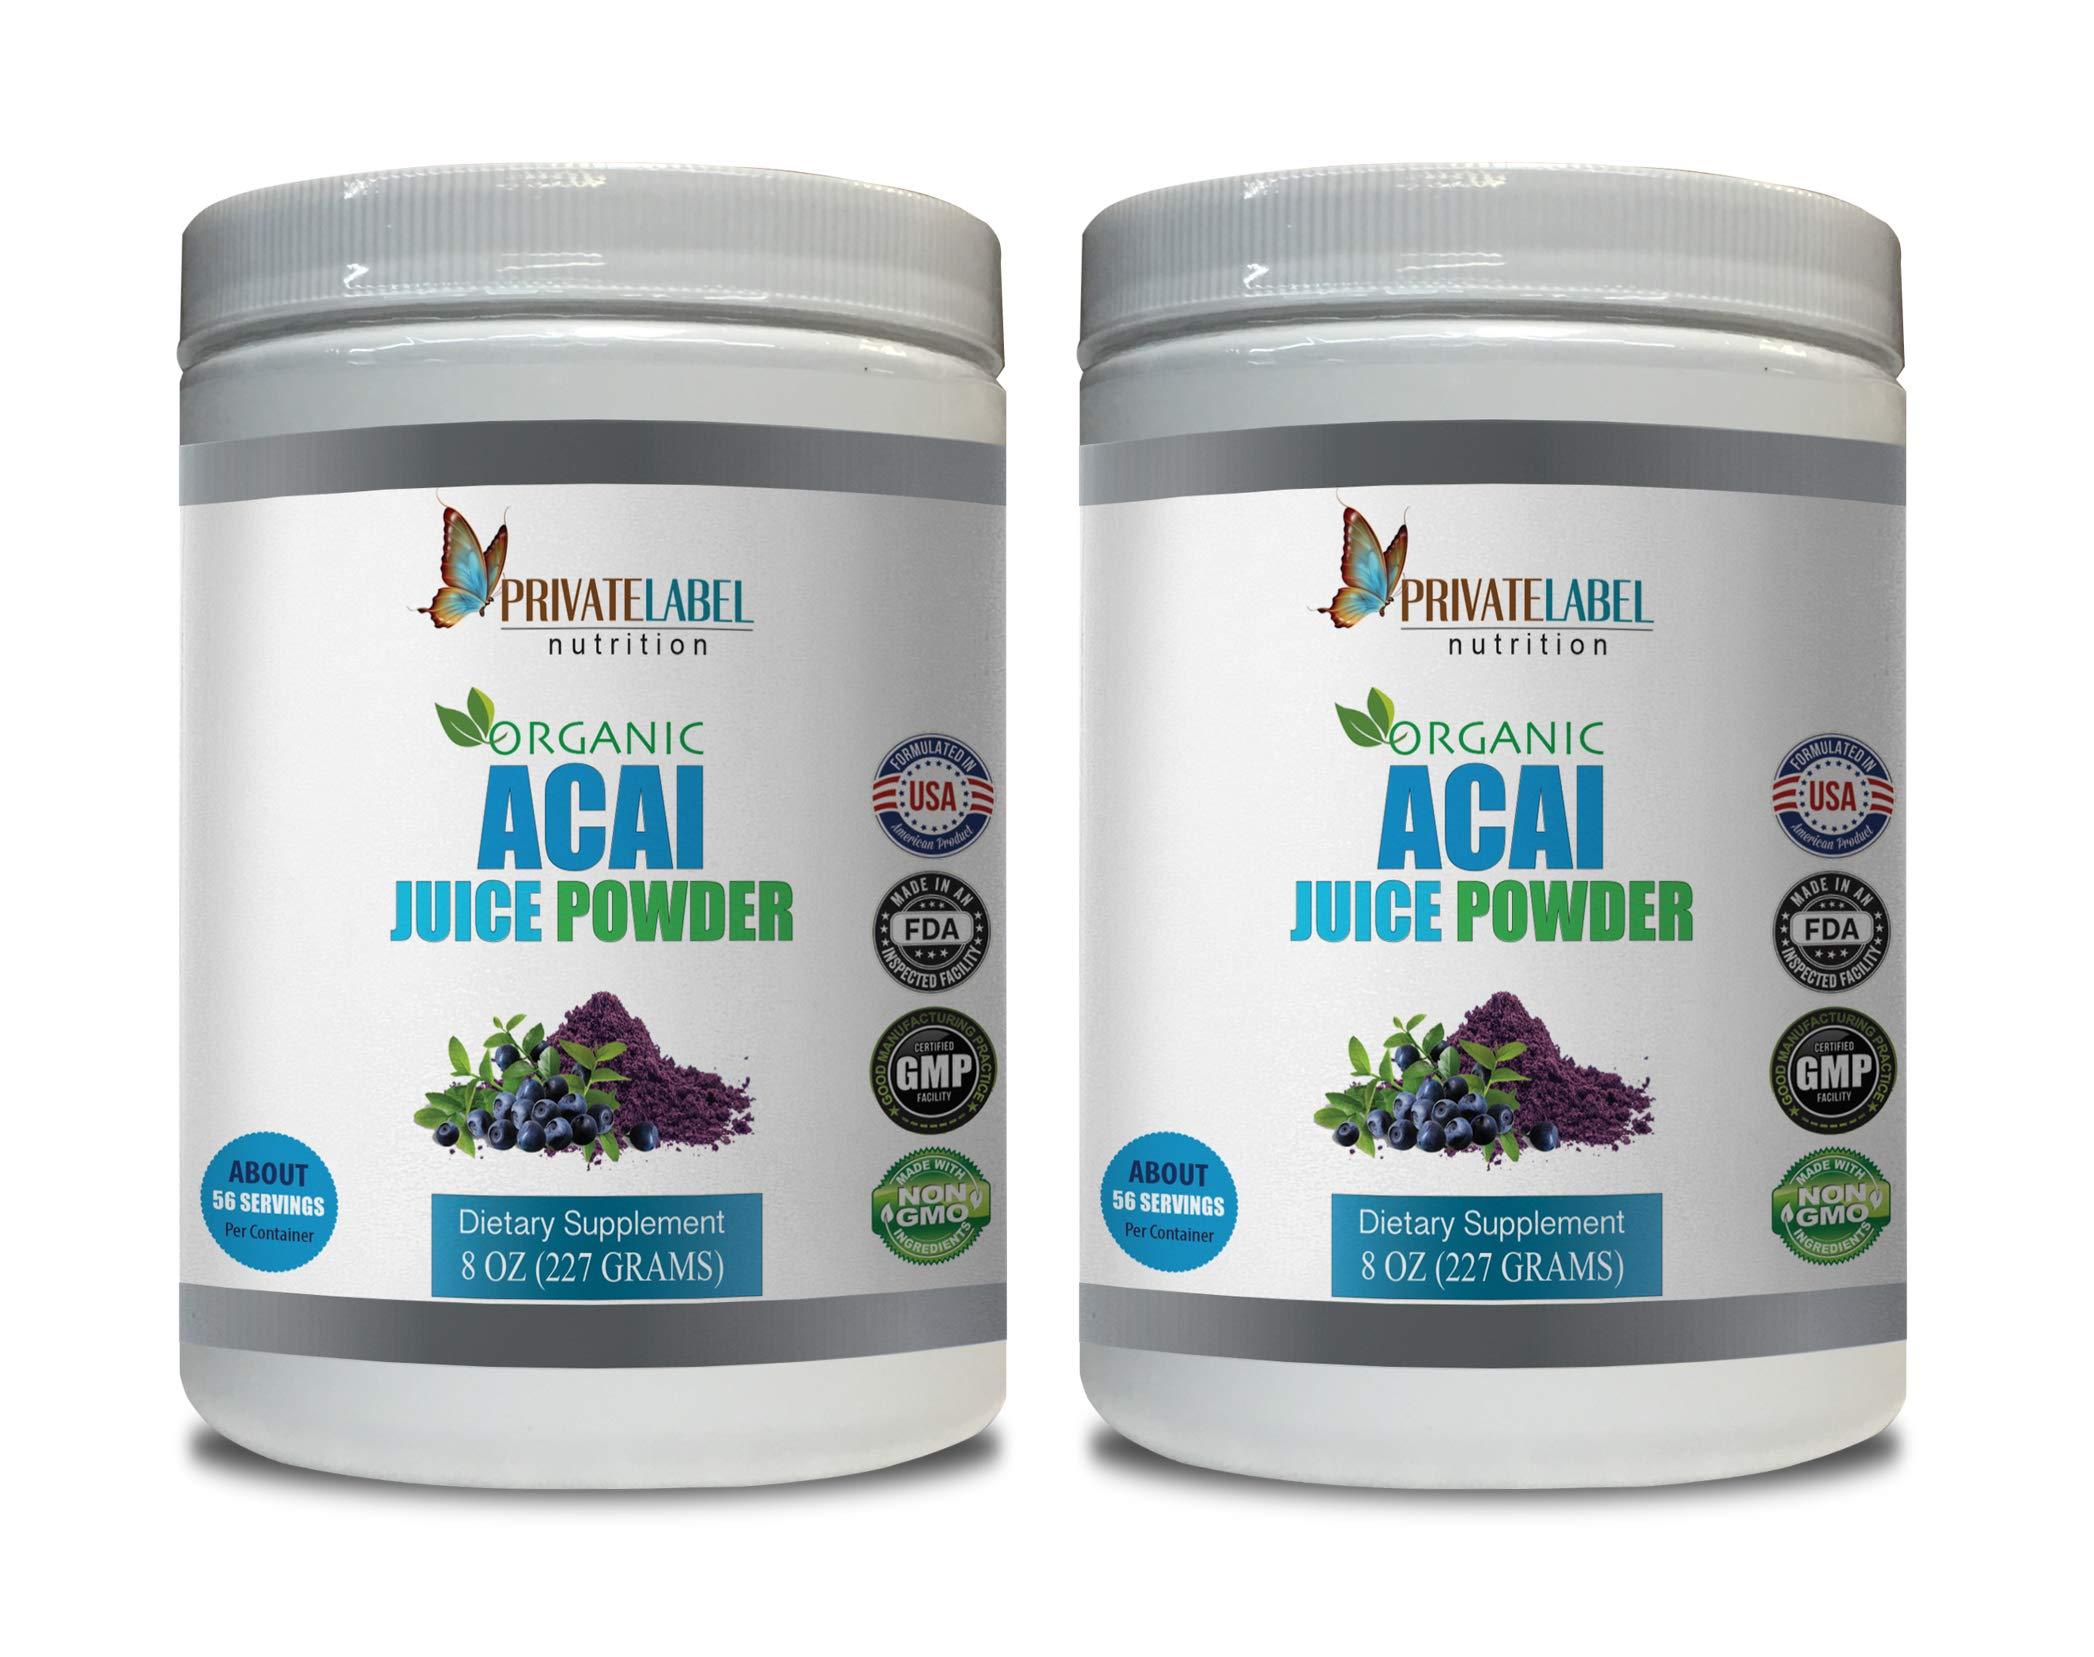 antioxidant Supplement Women - ACAI Organic Juice Powder - acai Detox Cleanse - 2 Cans 16 OZ (130 Servings)